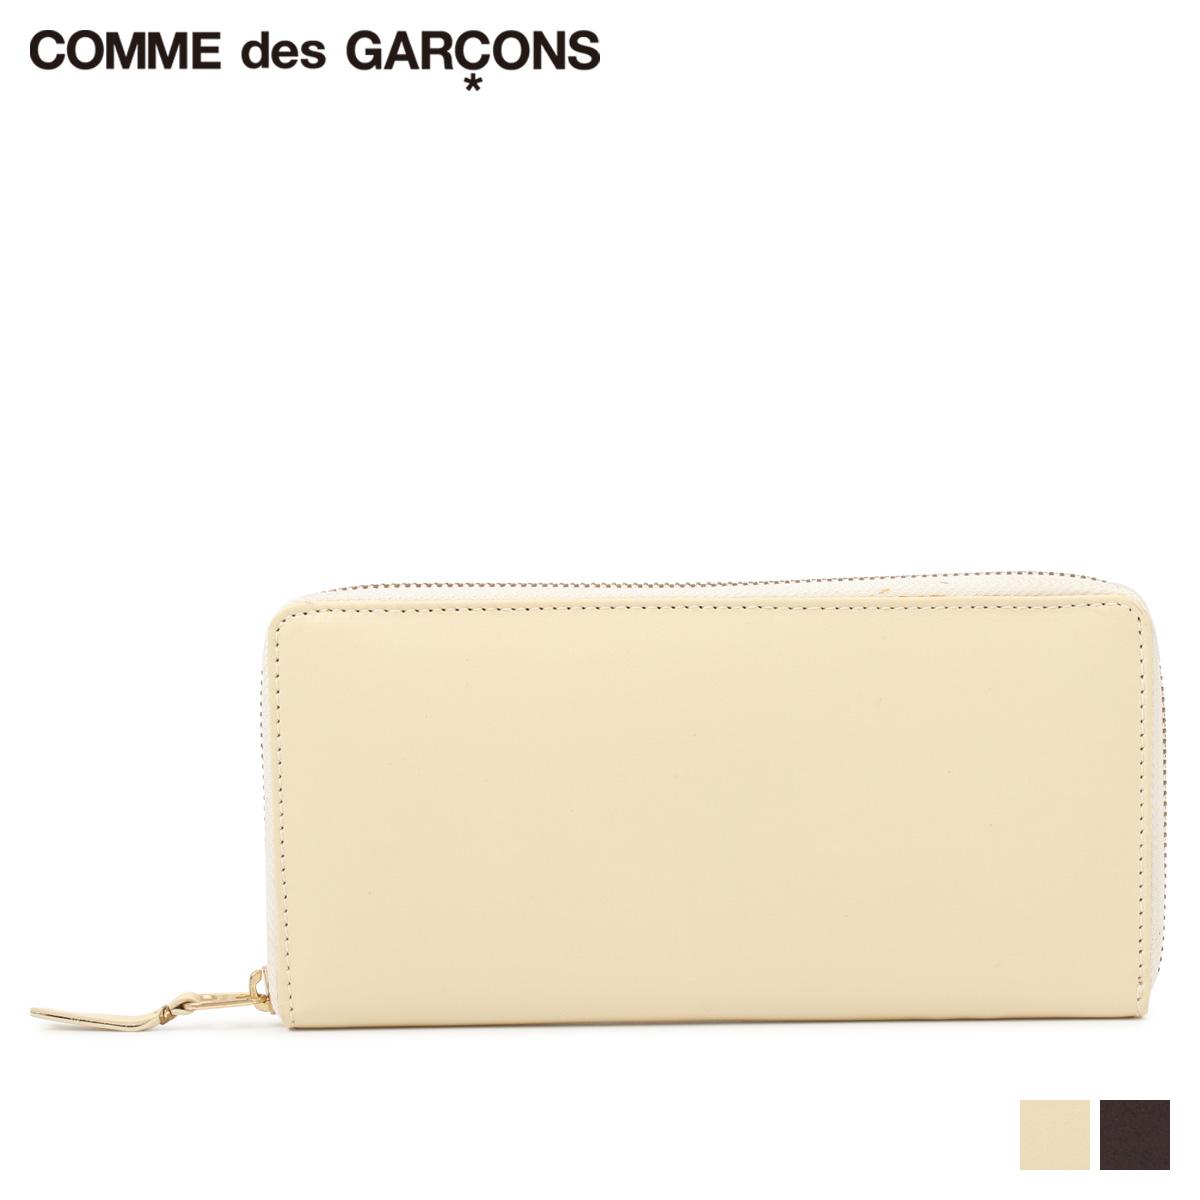 COMME des GARCONS WALLET コムデギャルソン 財布 長財布 メンズ レディース ラウンドファスナー ホワイト ブラウン 白 SA0110